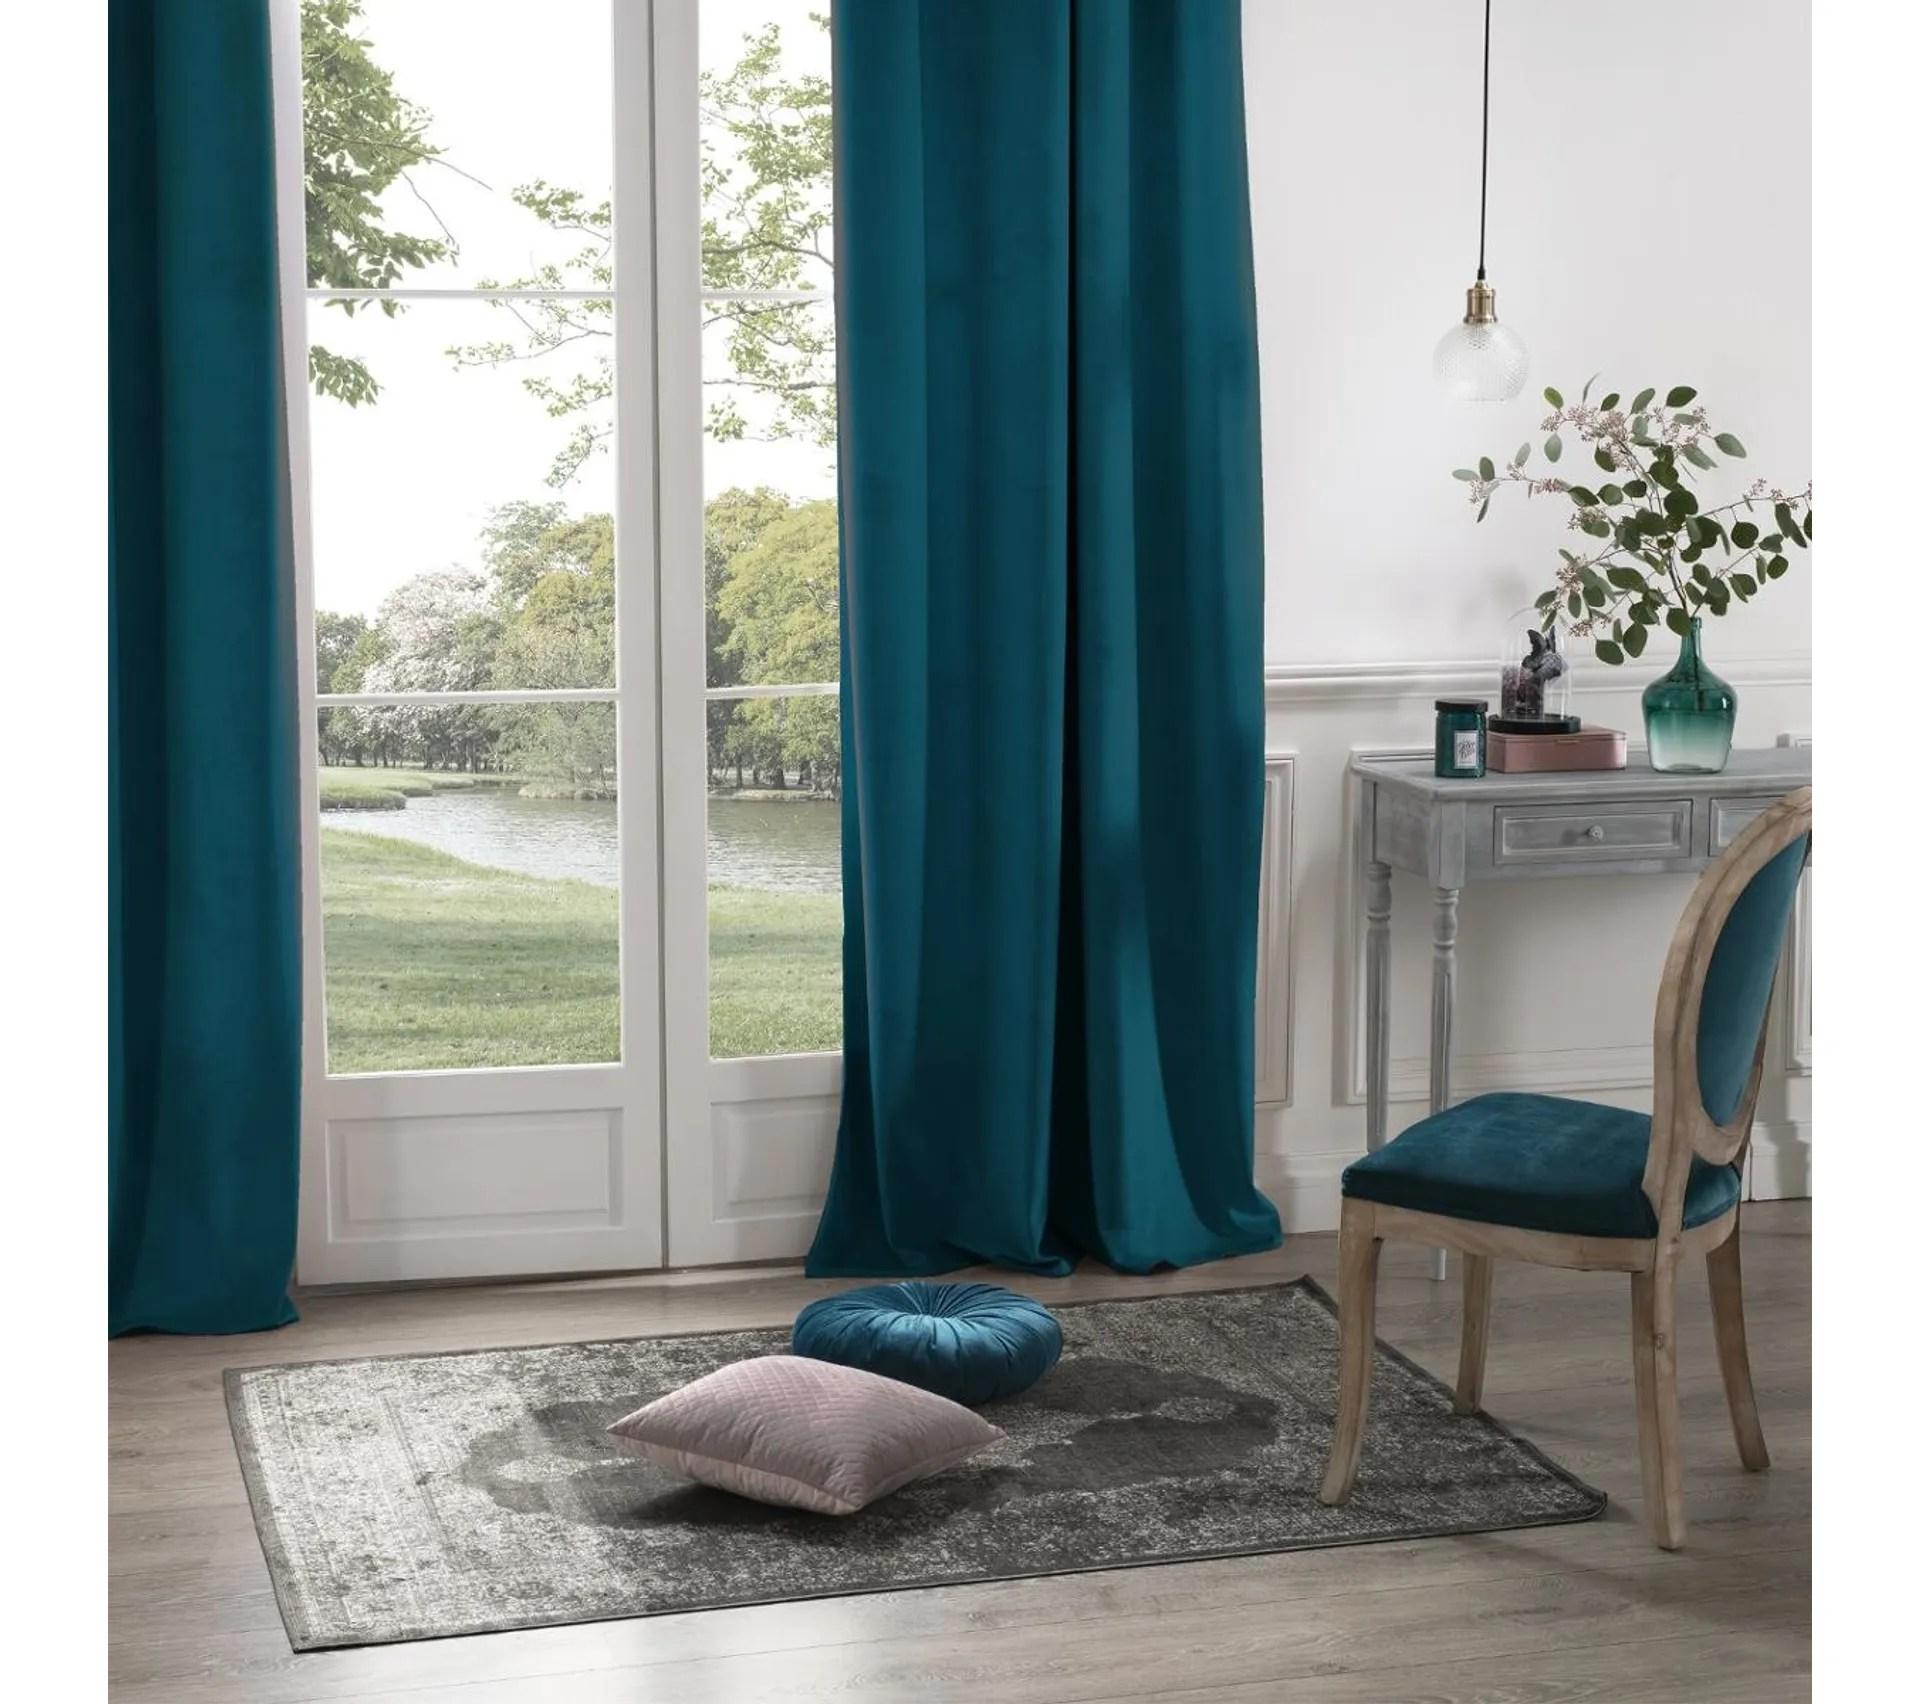 lot de 2 rideaux occultants bleu canard en velours 140 x 260 cm